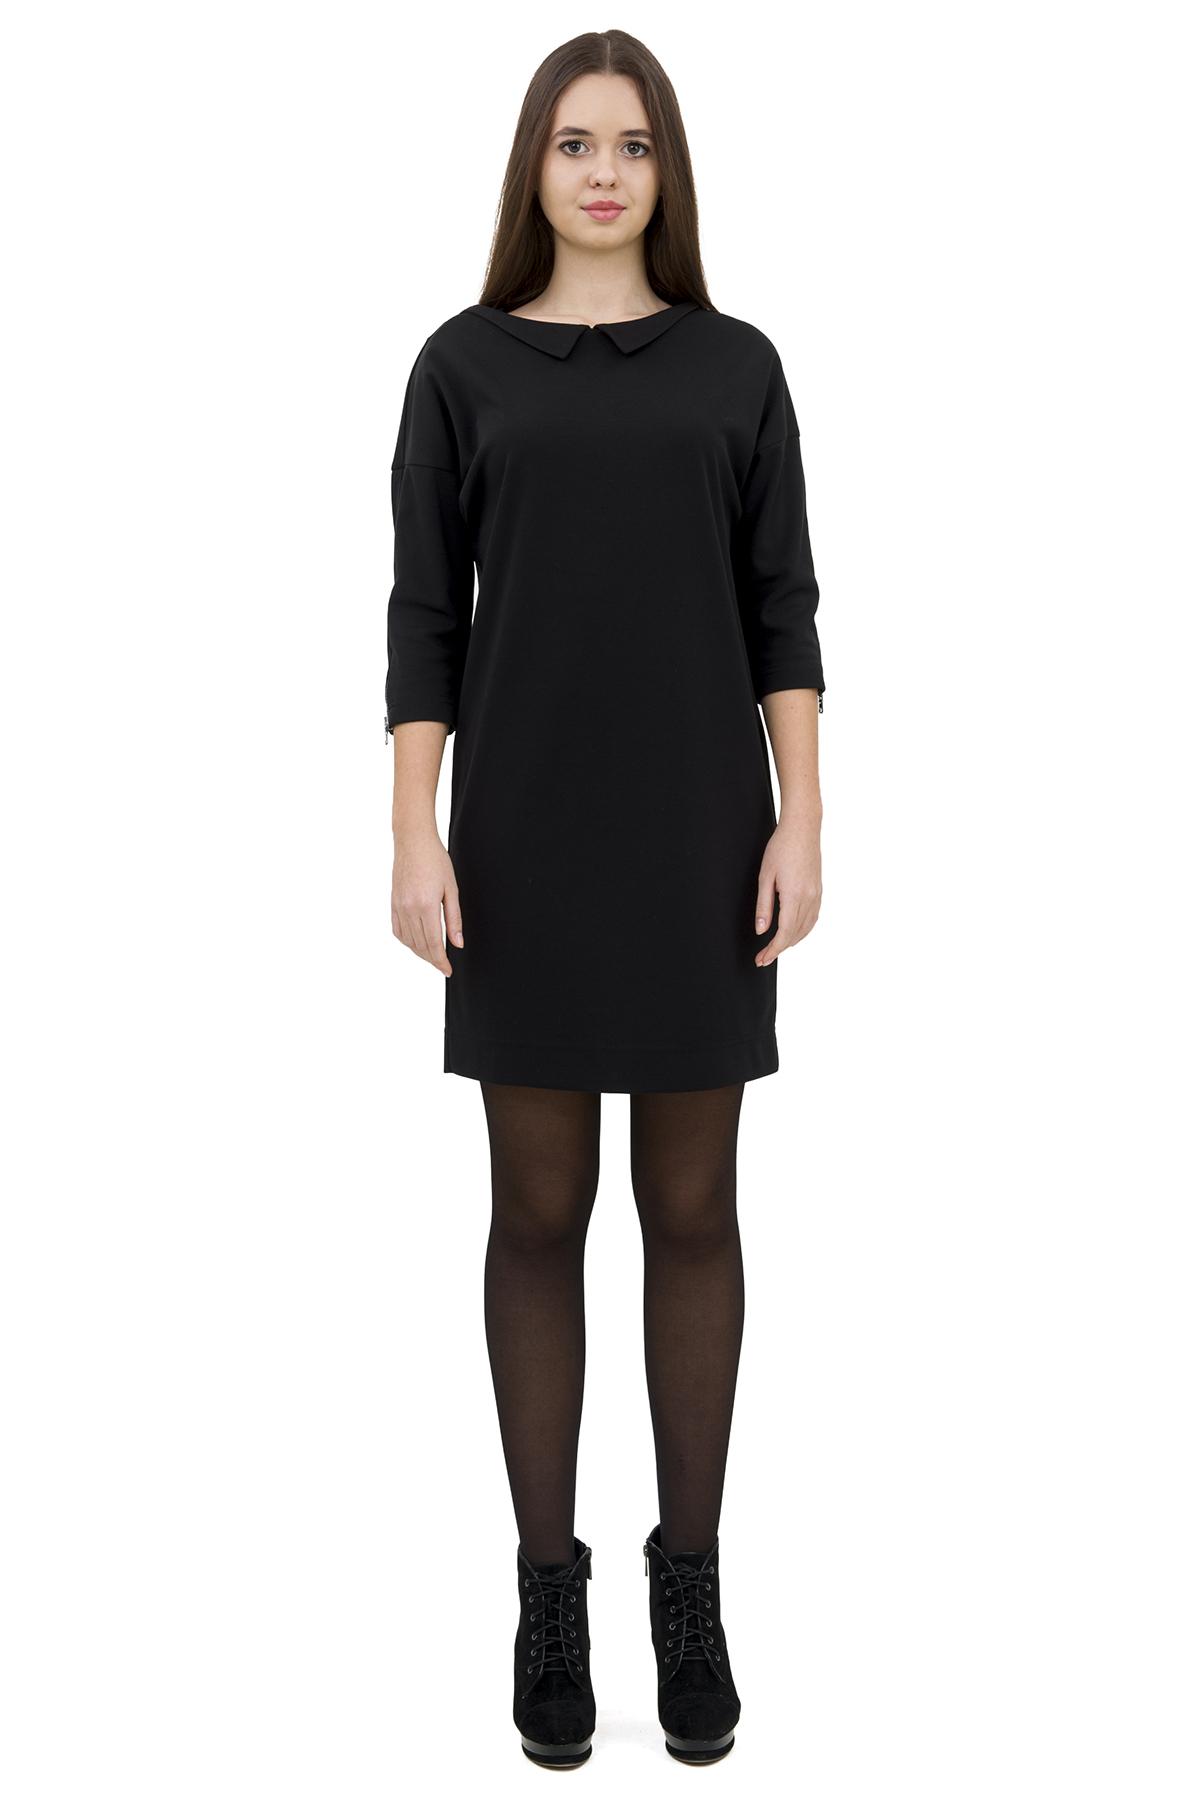 ПлатьеПлатья,  сарафаны<br>Привлекательное платье, выполненное из комфортного материала.  Изделие соблазнительной длины подчеркнет стройность и красоту Ваших ног.<br><br>Цвет: черный<br>Состав: 60% вискоза; 35% полиэстер; 5% эластан<br>Размер: 40,42<br>Страна дизайна: Россия<br>Страна производства: Россия